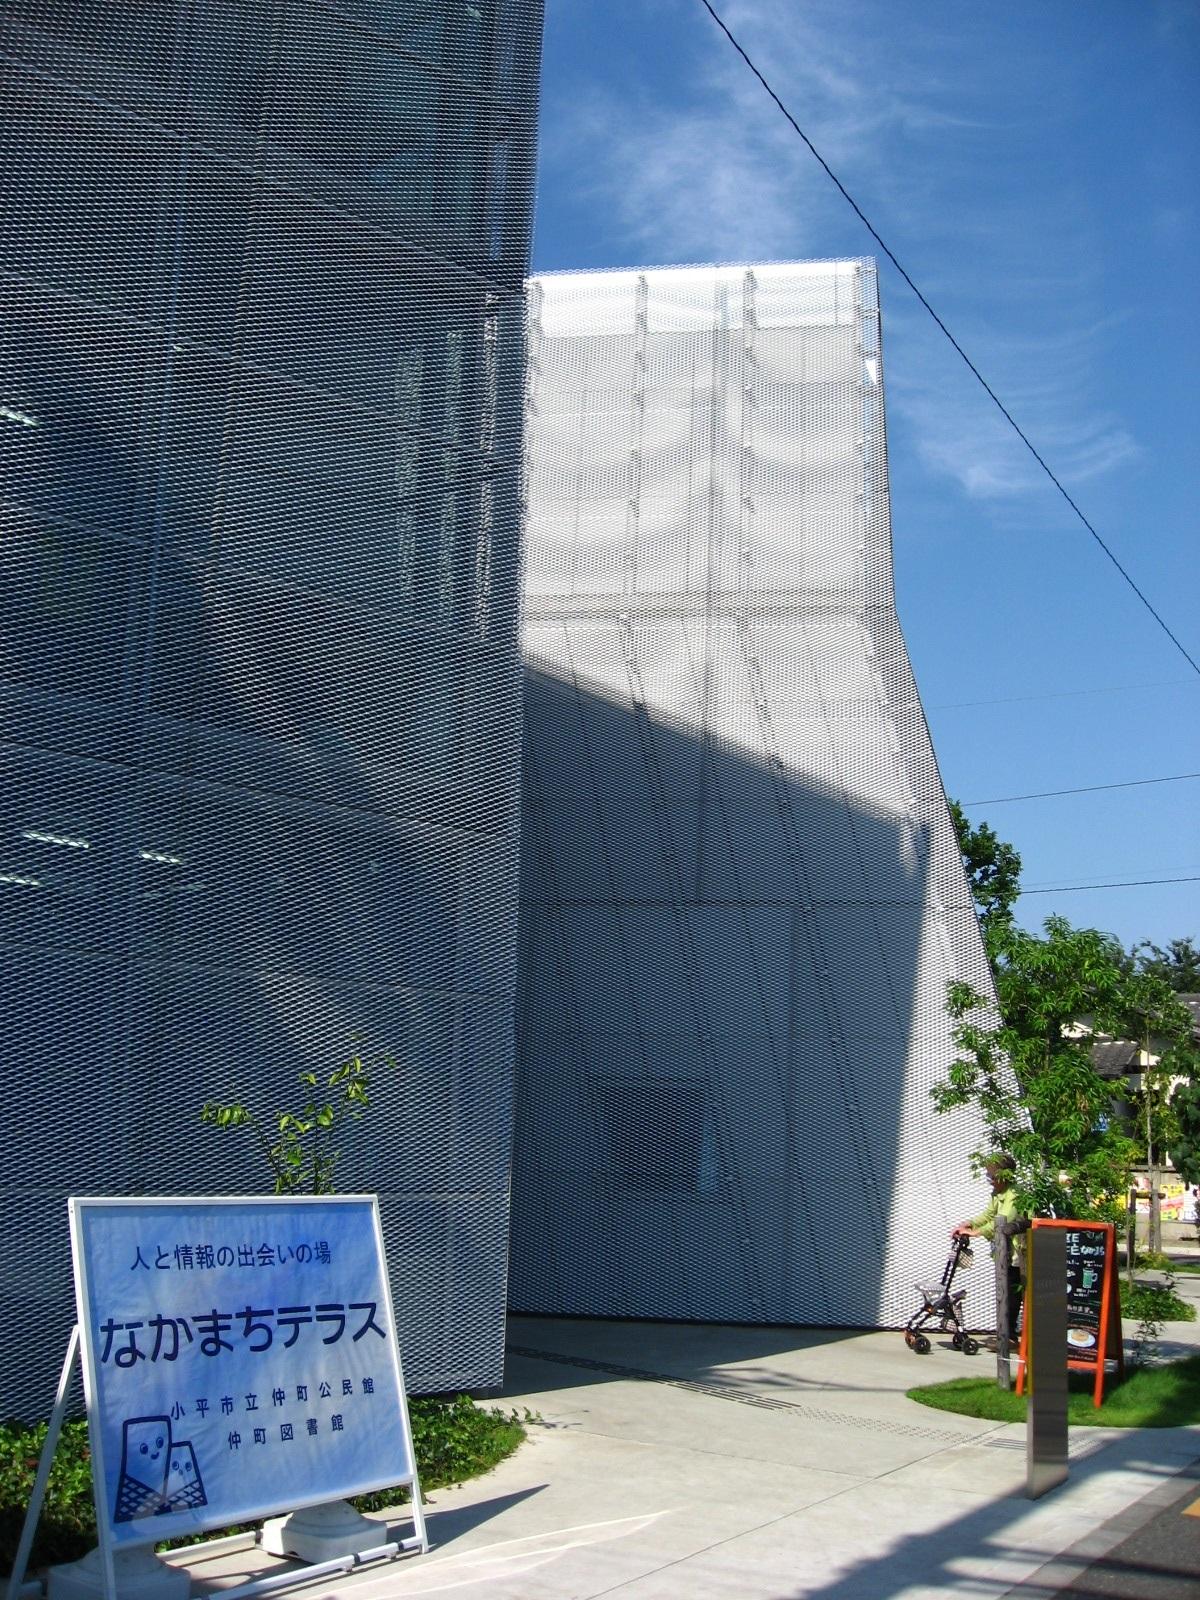 図書館 小平市立仲町図書館(図書館)まで506m